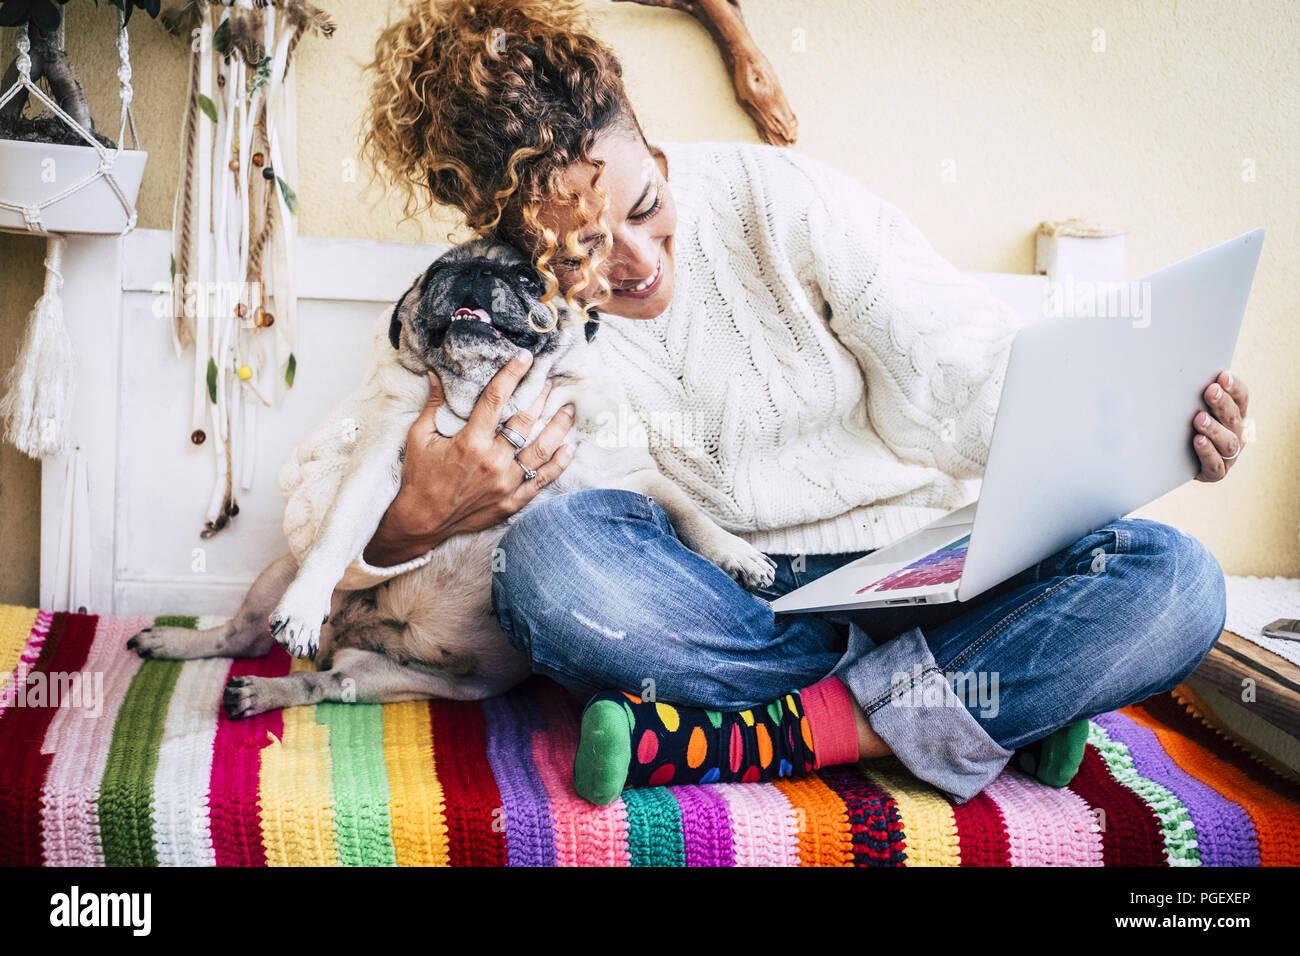 Mejores amigos real alegre mujer trabajando en el portátil en la terraza en casa mientras abrazo a su mejor Amor y amigos sonrientes pug perro sentado a su izquierda. co Foto de stock